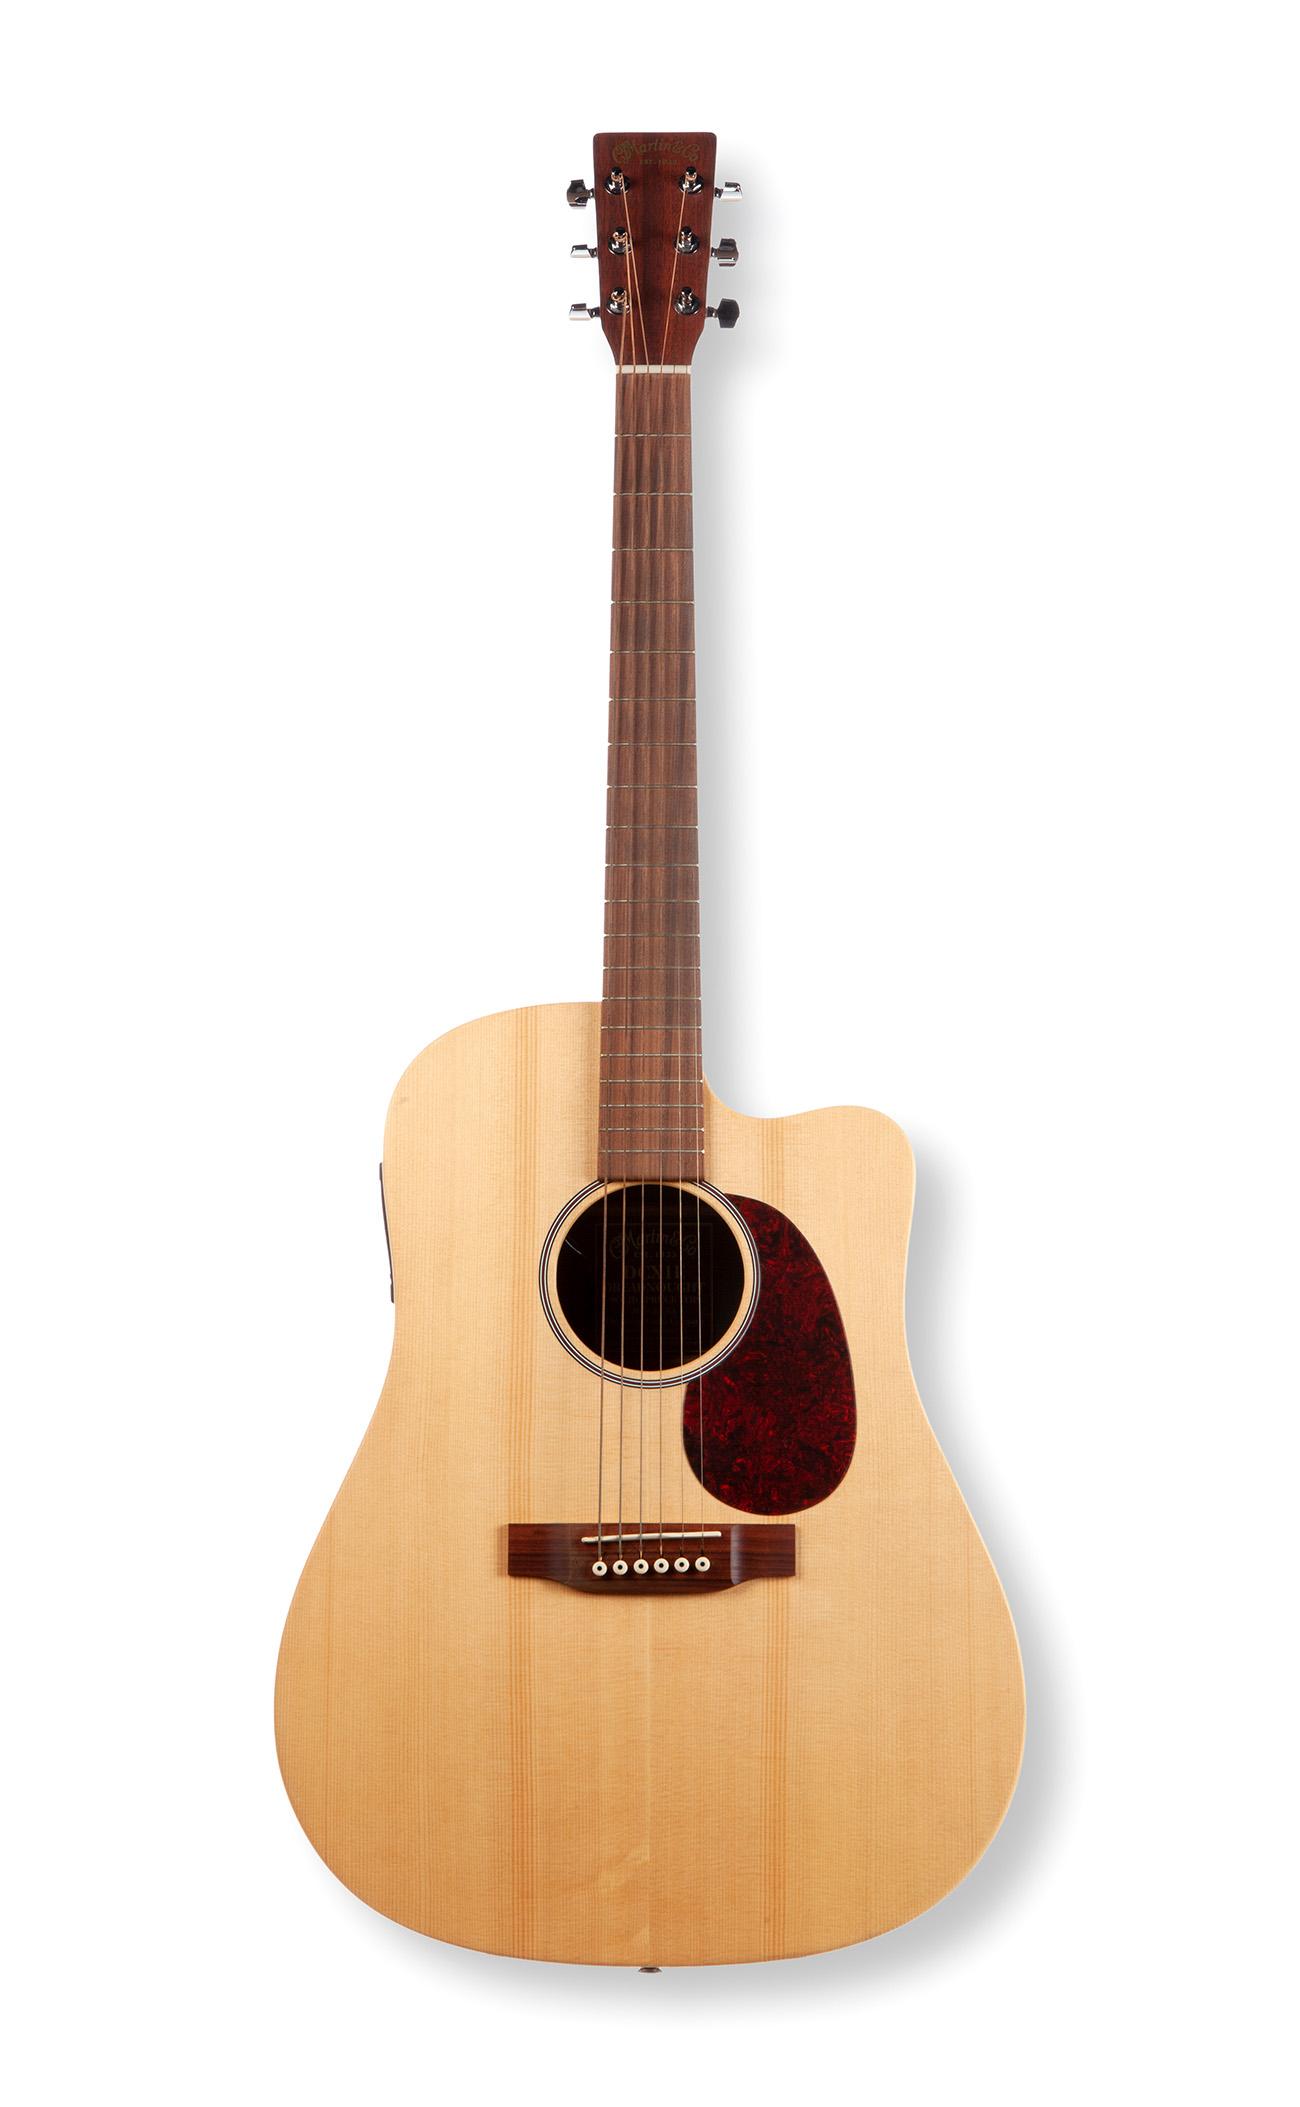 Guitarra Martin DCX1E DreadnoughtSerial 1116697Made in USA.